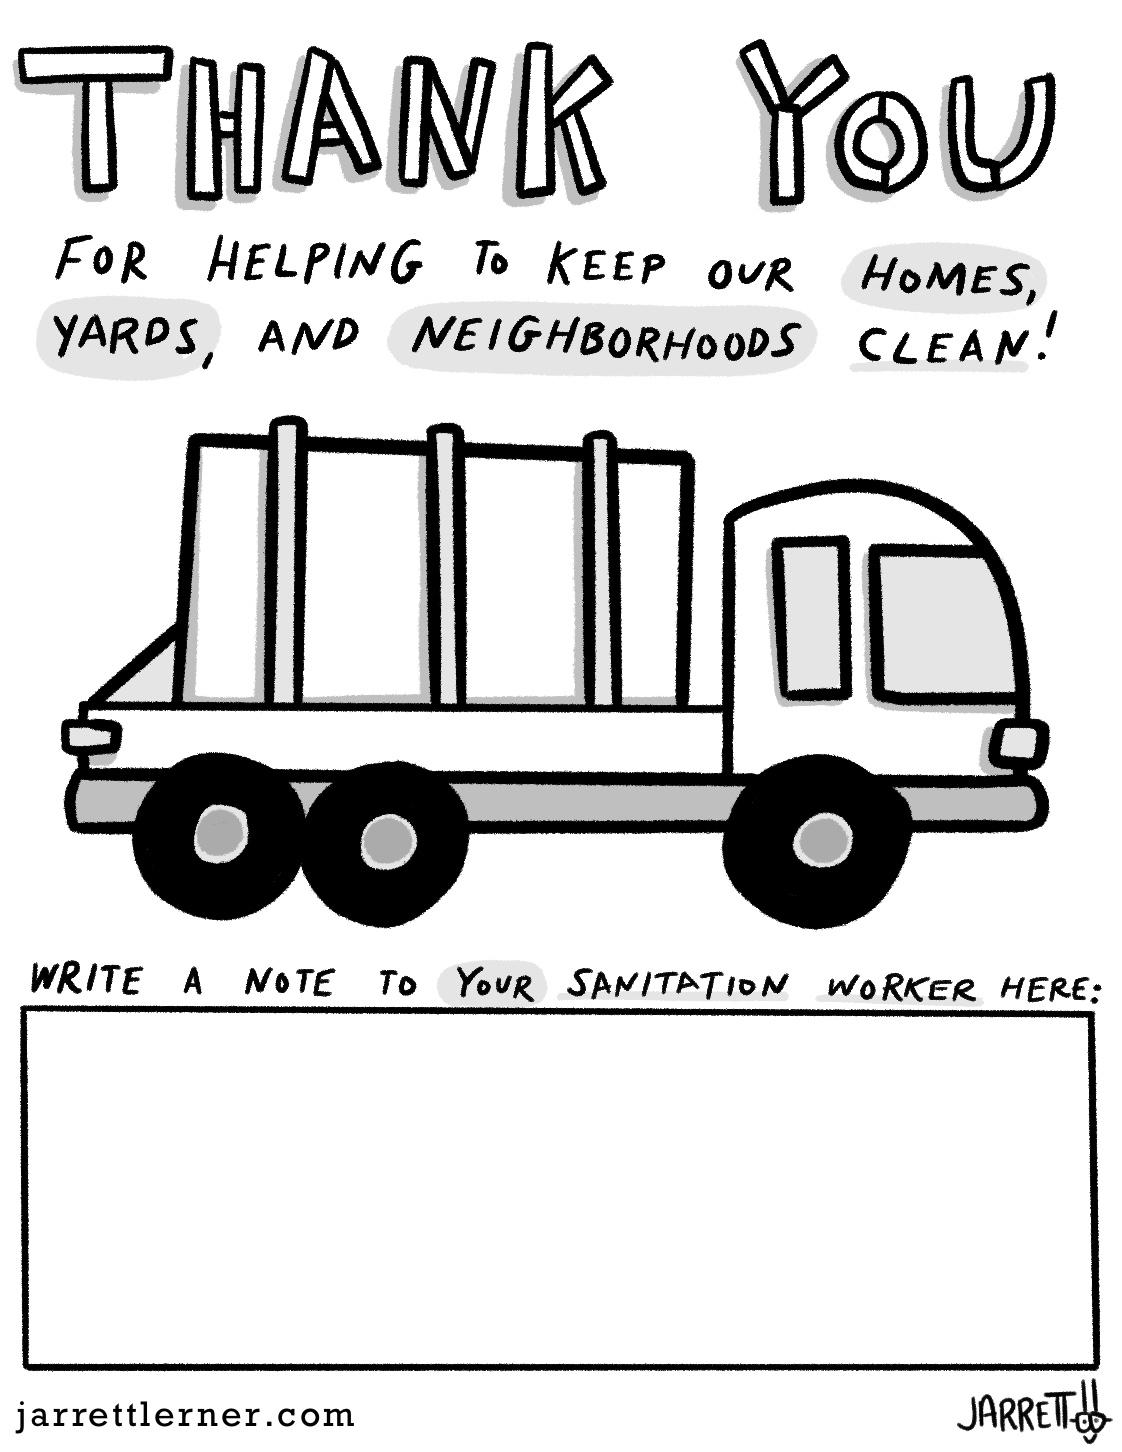 Thank Your Sanitation Worker Jarrett Lerner